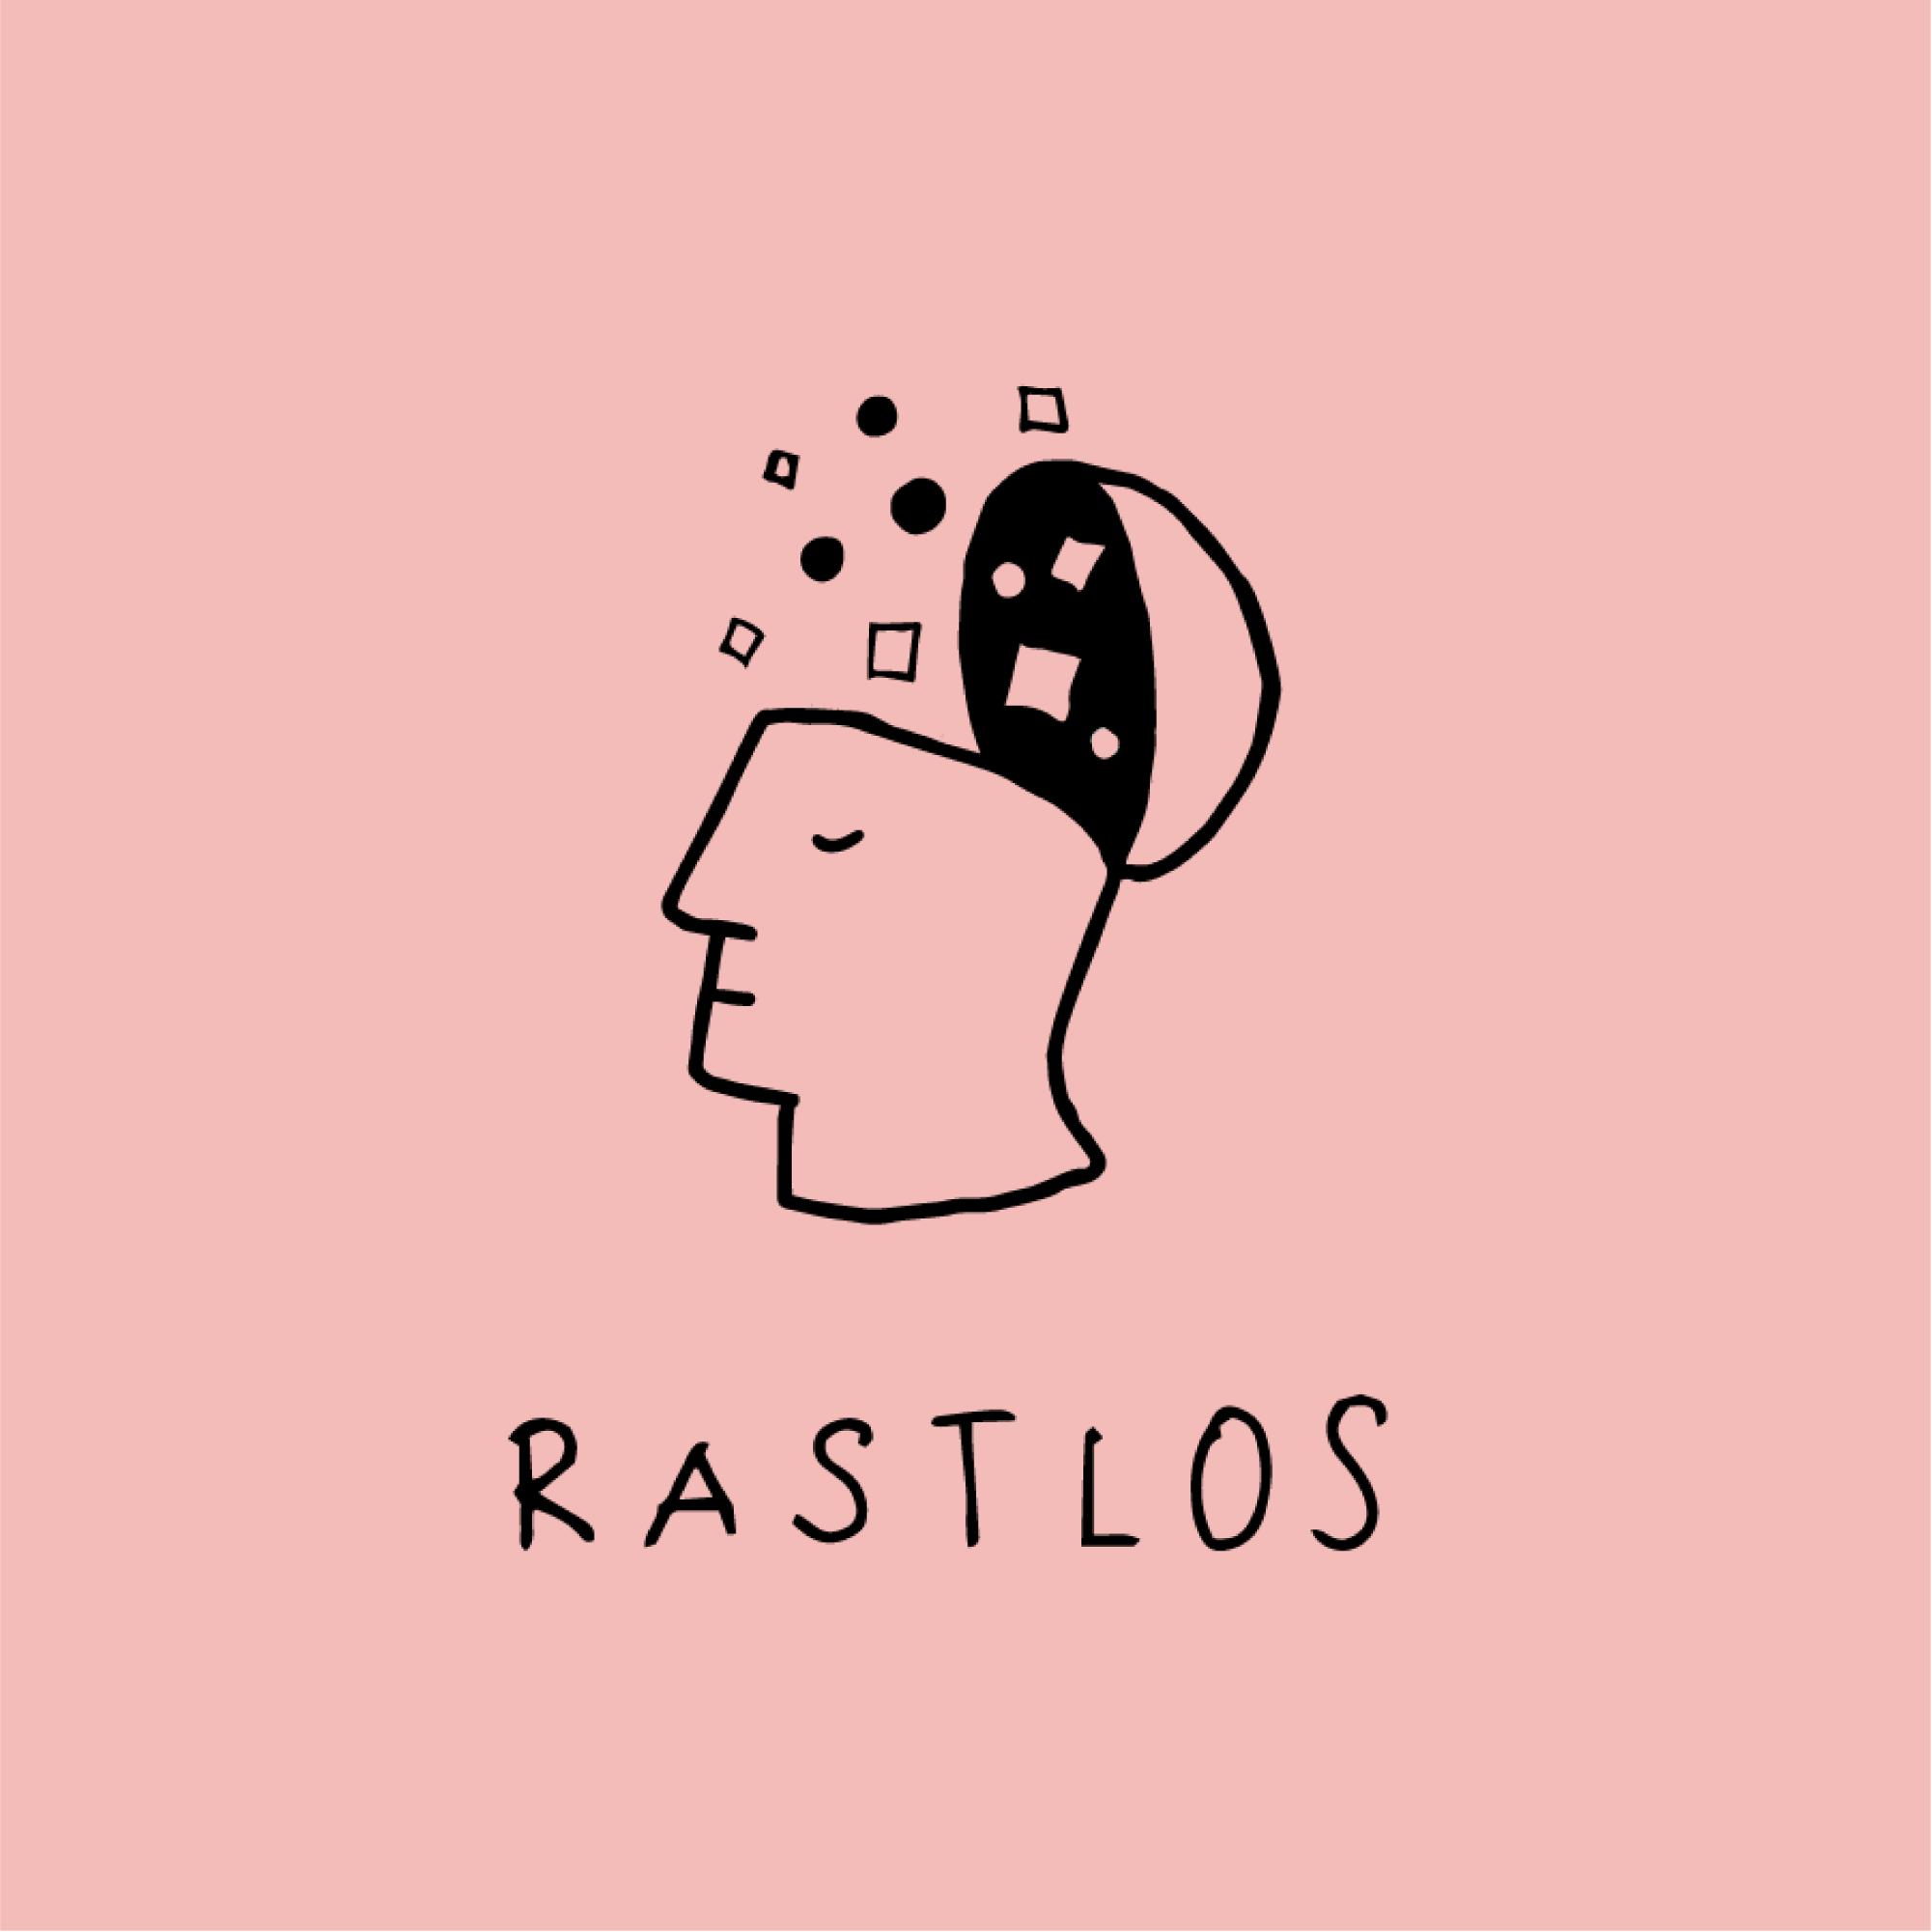 Rastlos - Dein Podcast für Entschleunigung und mehr Selbstvertrauen show art